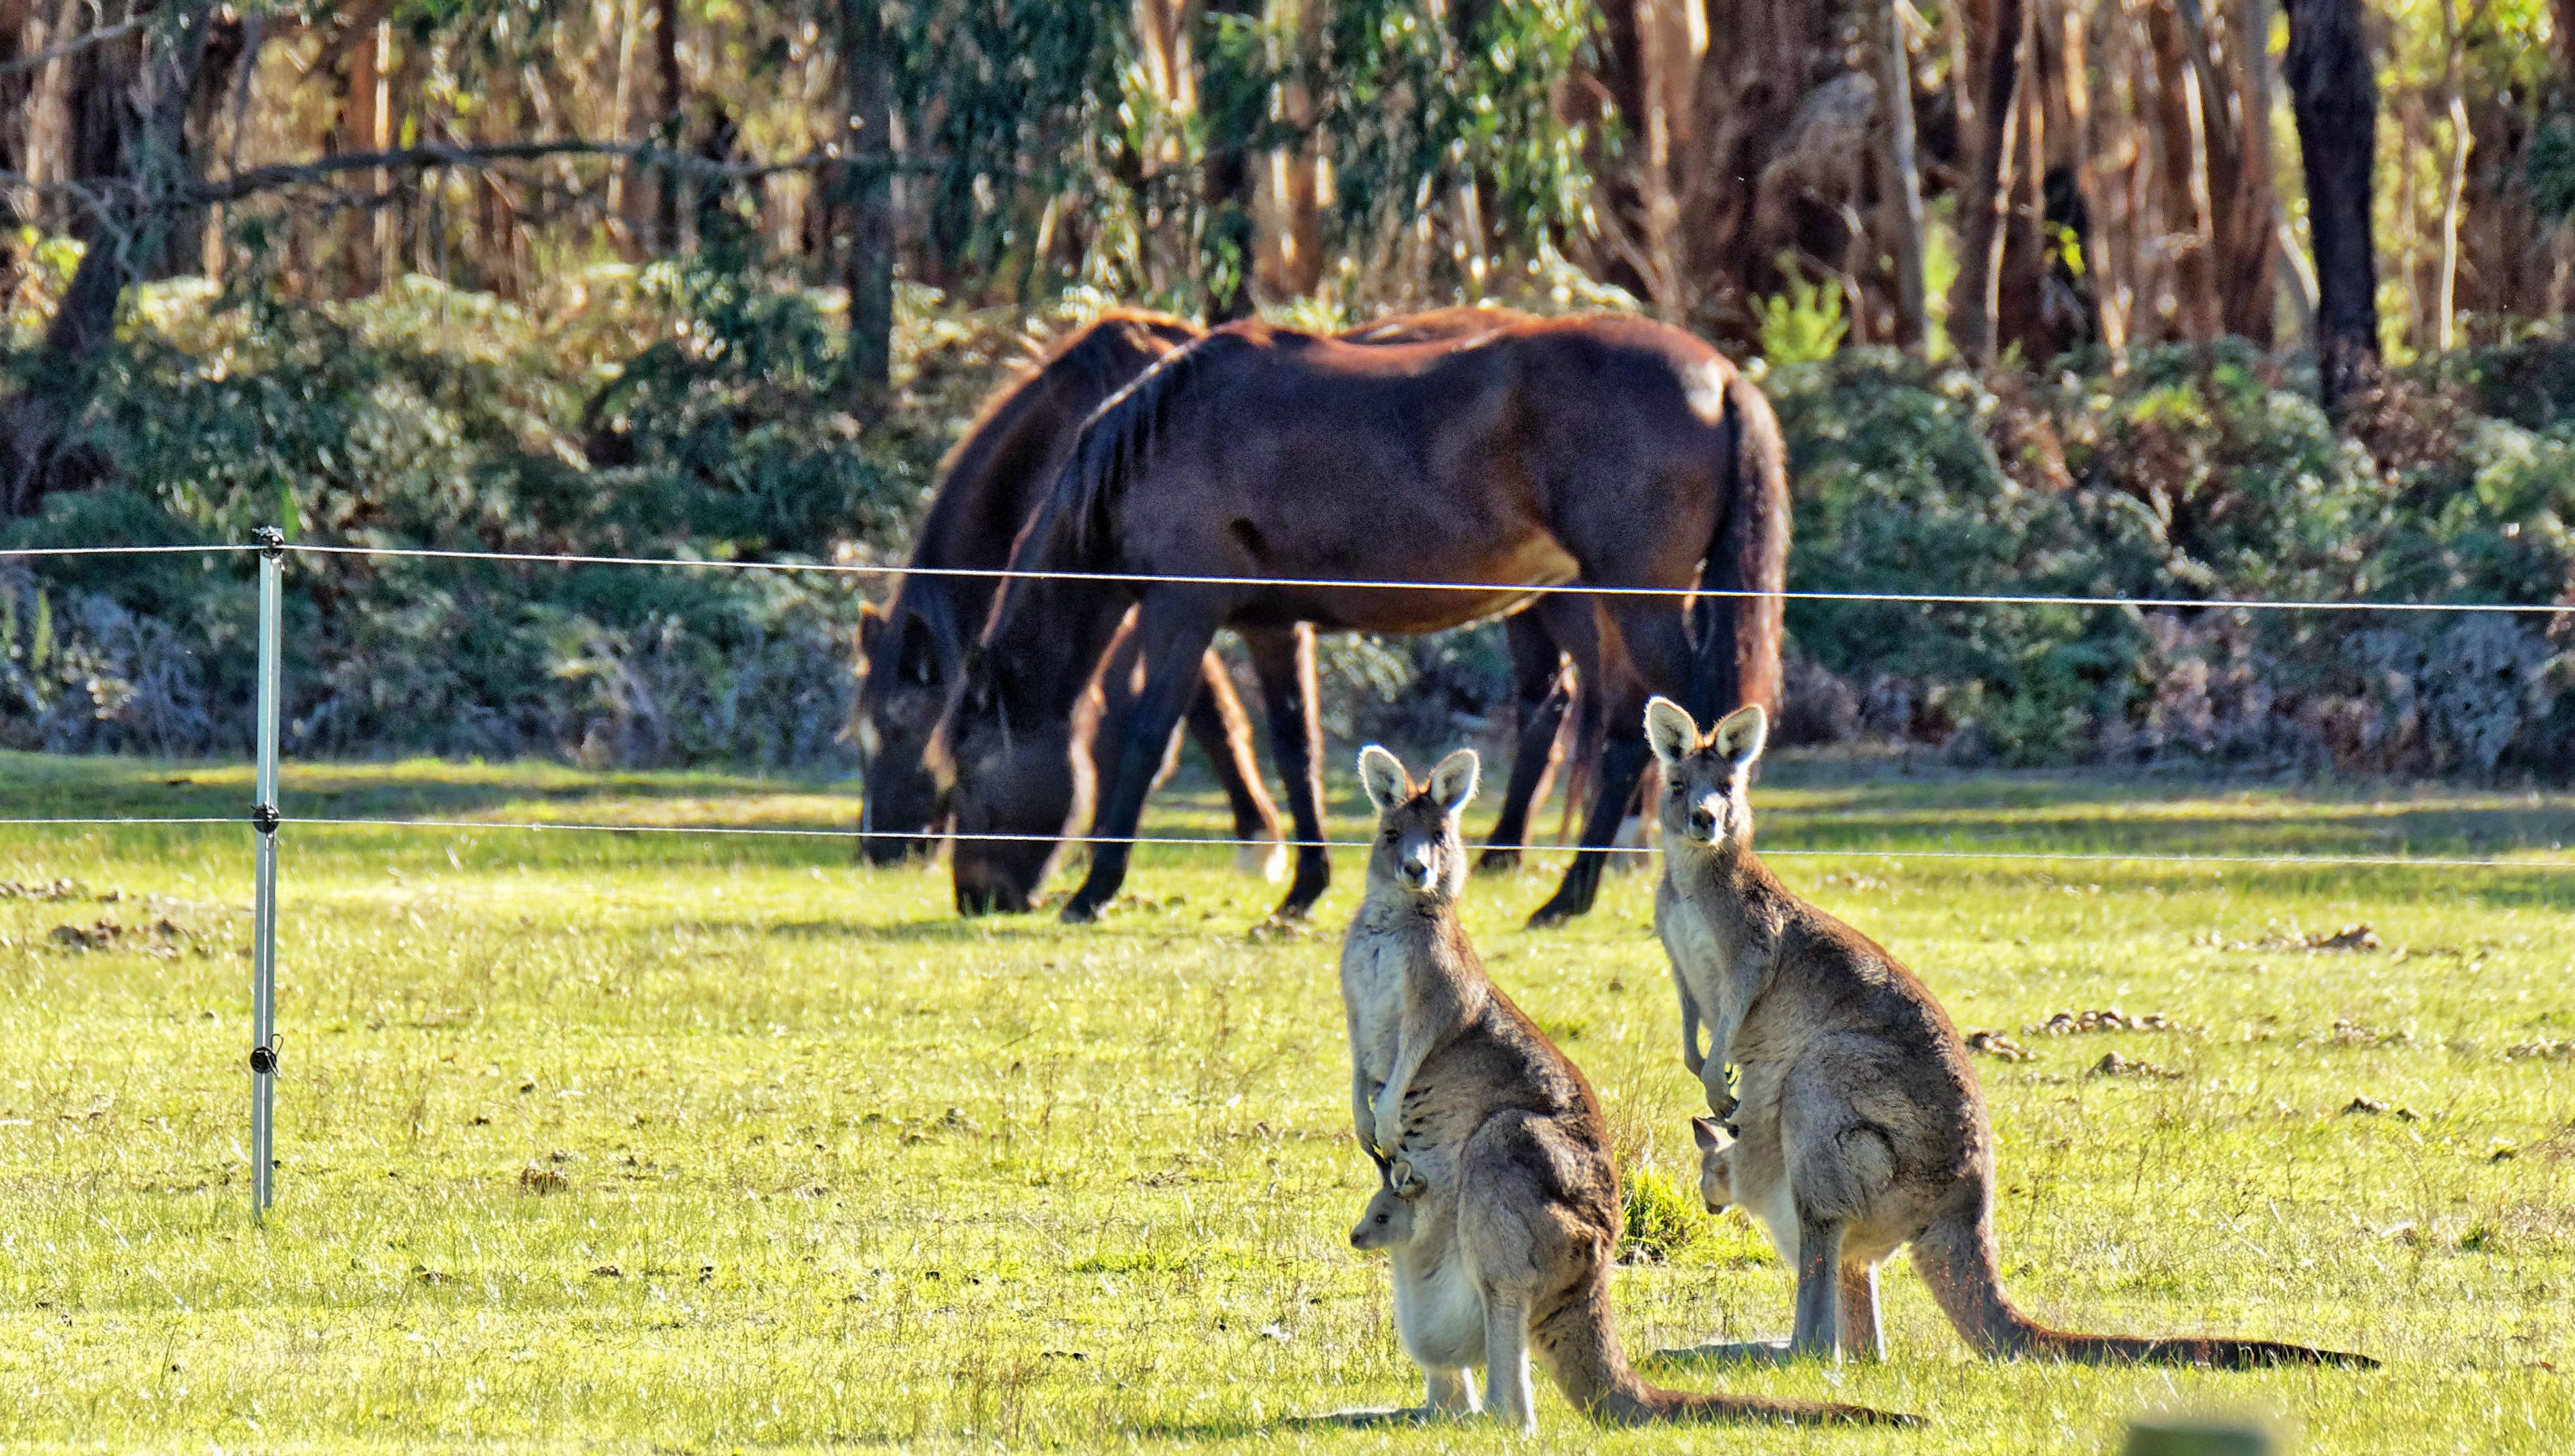 Kangaroos-47-1080p.jpeg